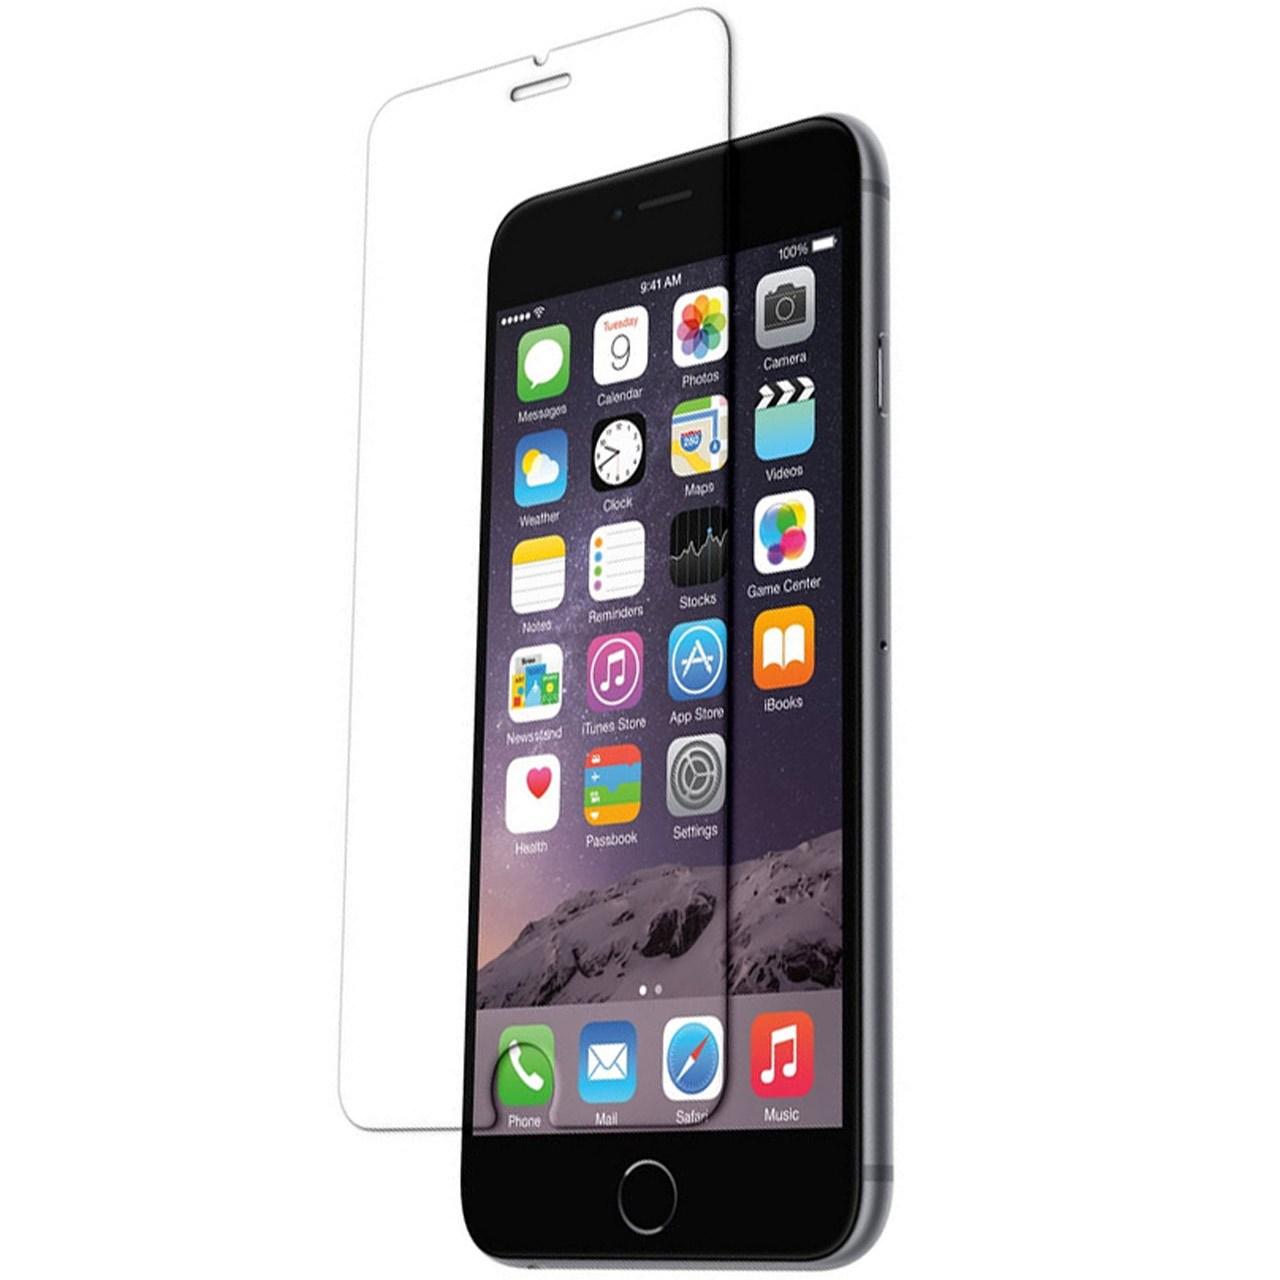 محافظ صفحه نمایش شیشه ای اس اچ موبایل مناسب برای گوشی موبایل آیفون 6/6s              ( قیمت و خرید)